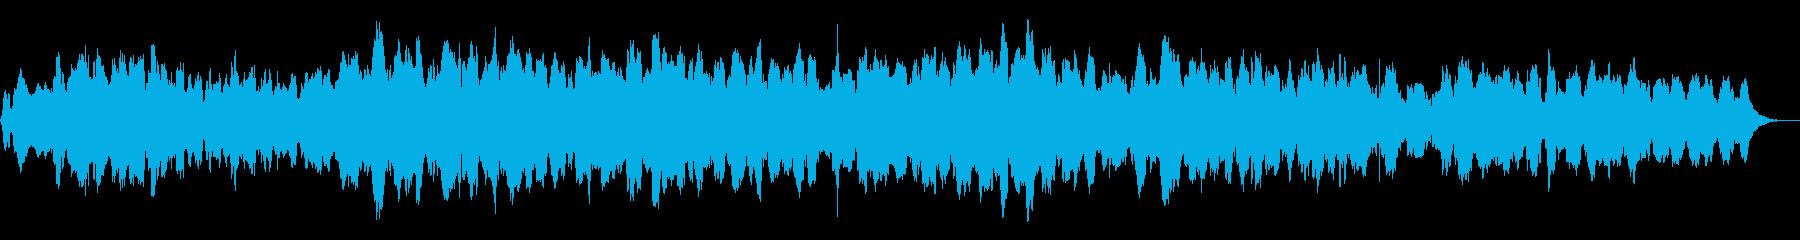 ソルフェジオ周波数を用いたヒーリング曲の再生済みの波形